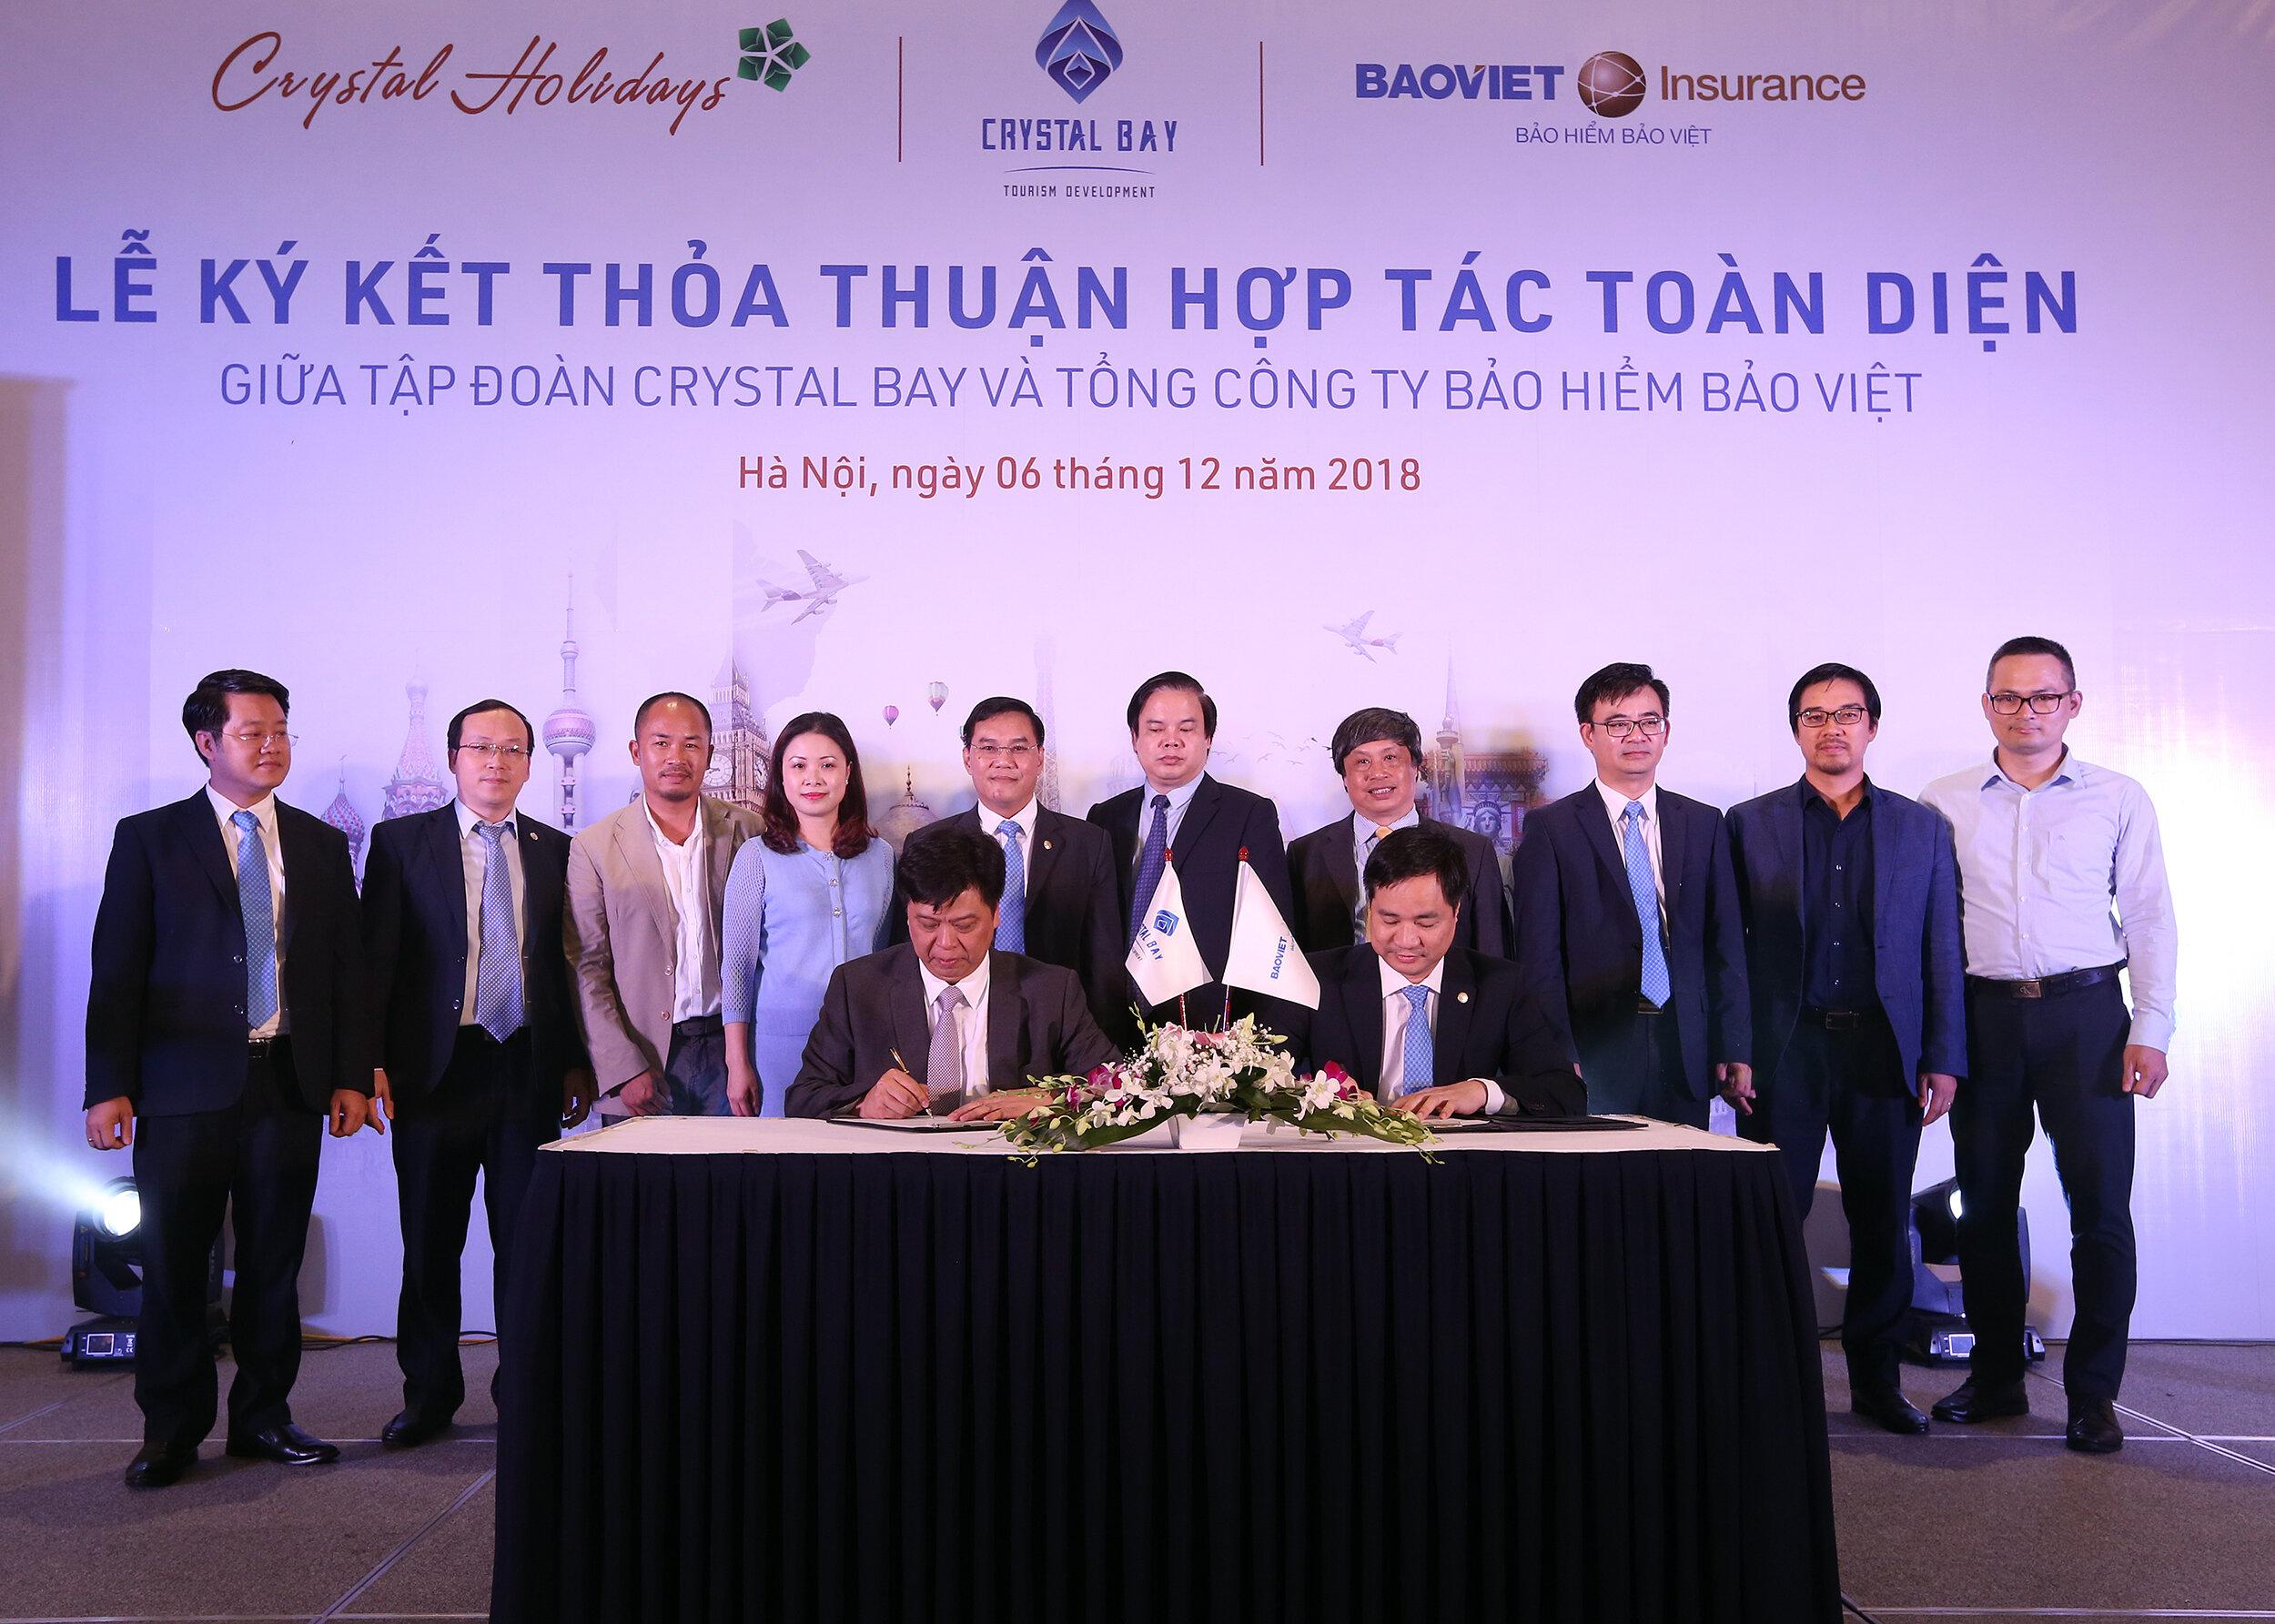 Crystal Bay ký thỏa thuận hợp tác toàn diện với Bảo hiểm Bảo Việt